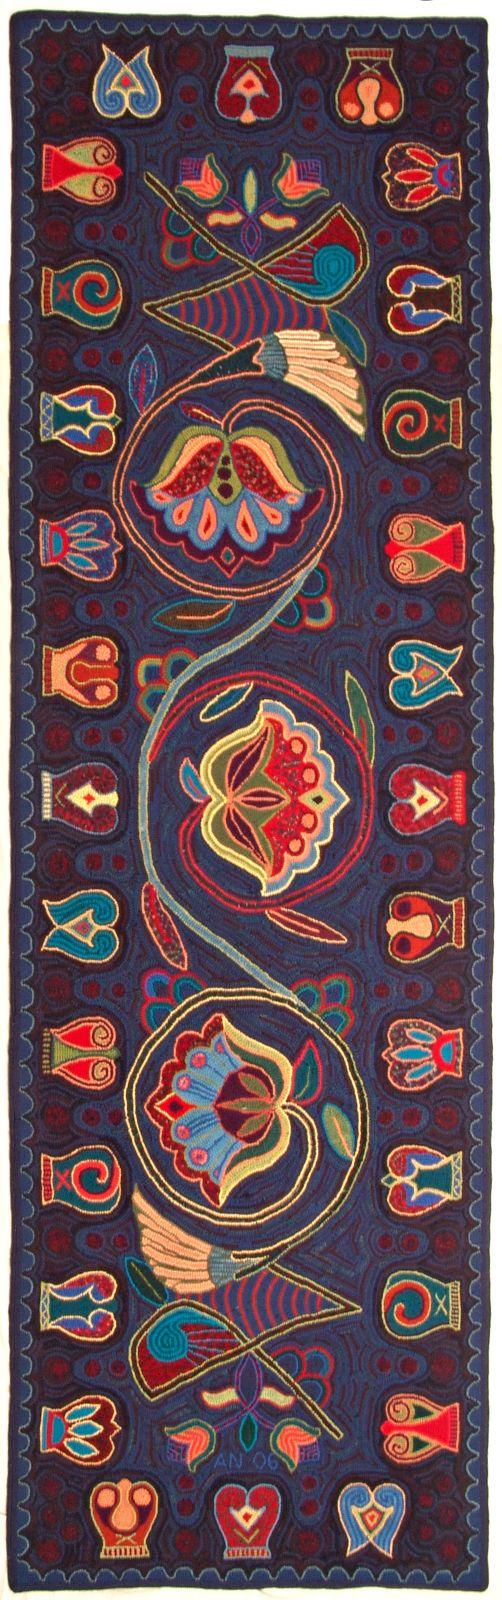 Beautiful Colors - Handmade Rugs